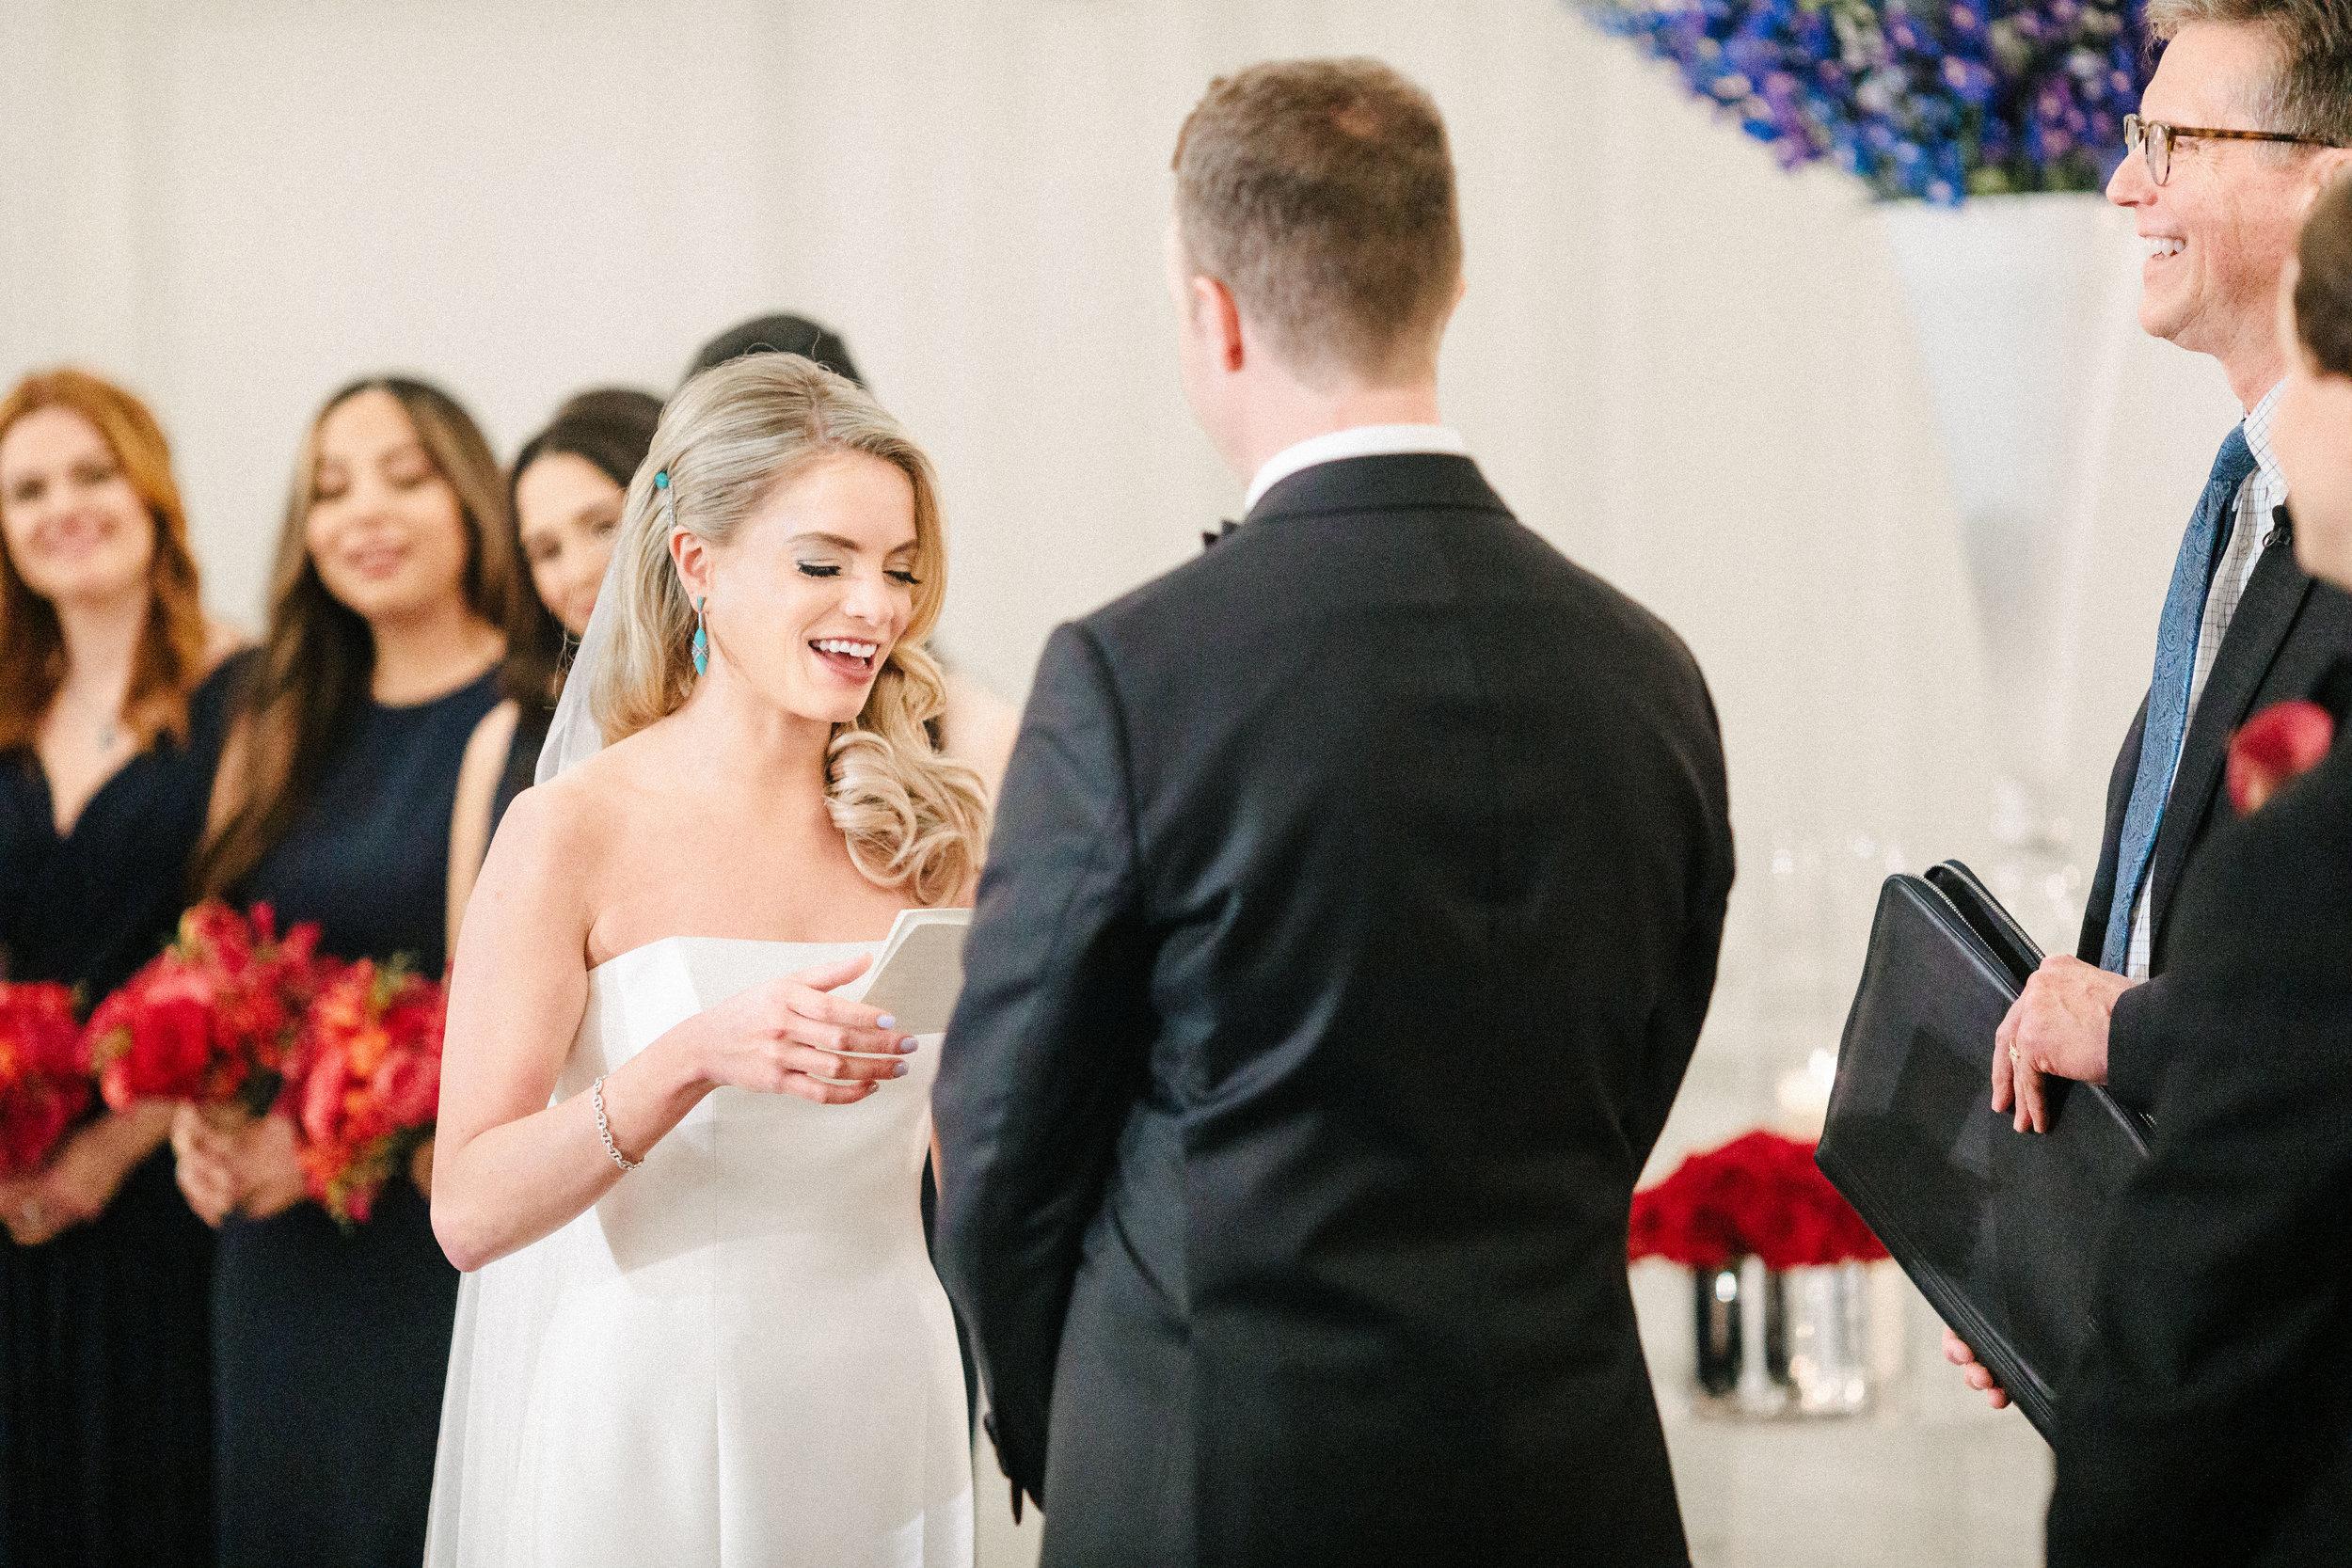 Ceremony - Adolphus Wedding - Dallas Wedding Planner - Allday Events - 49.jpg